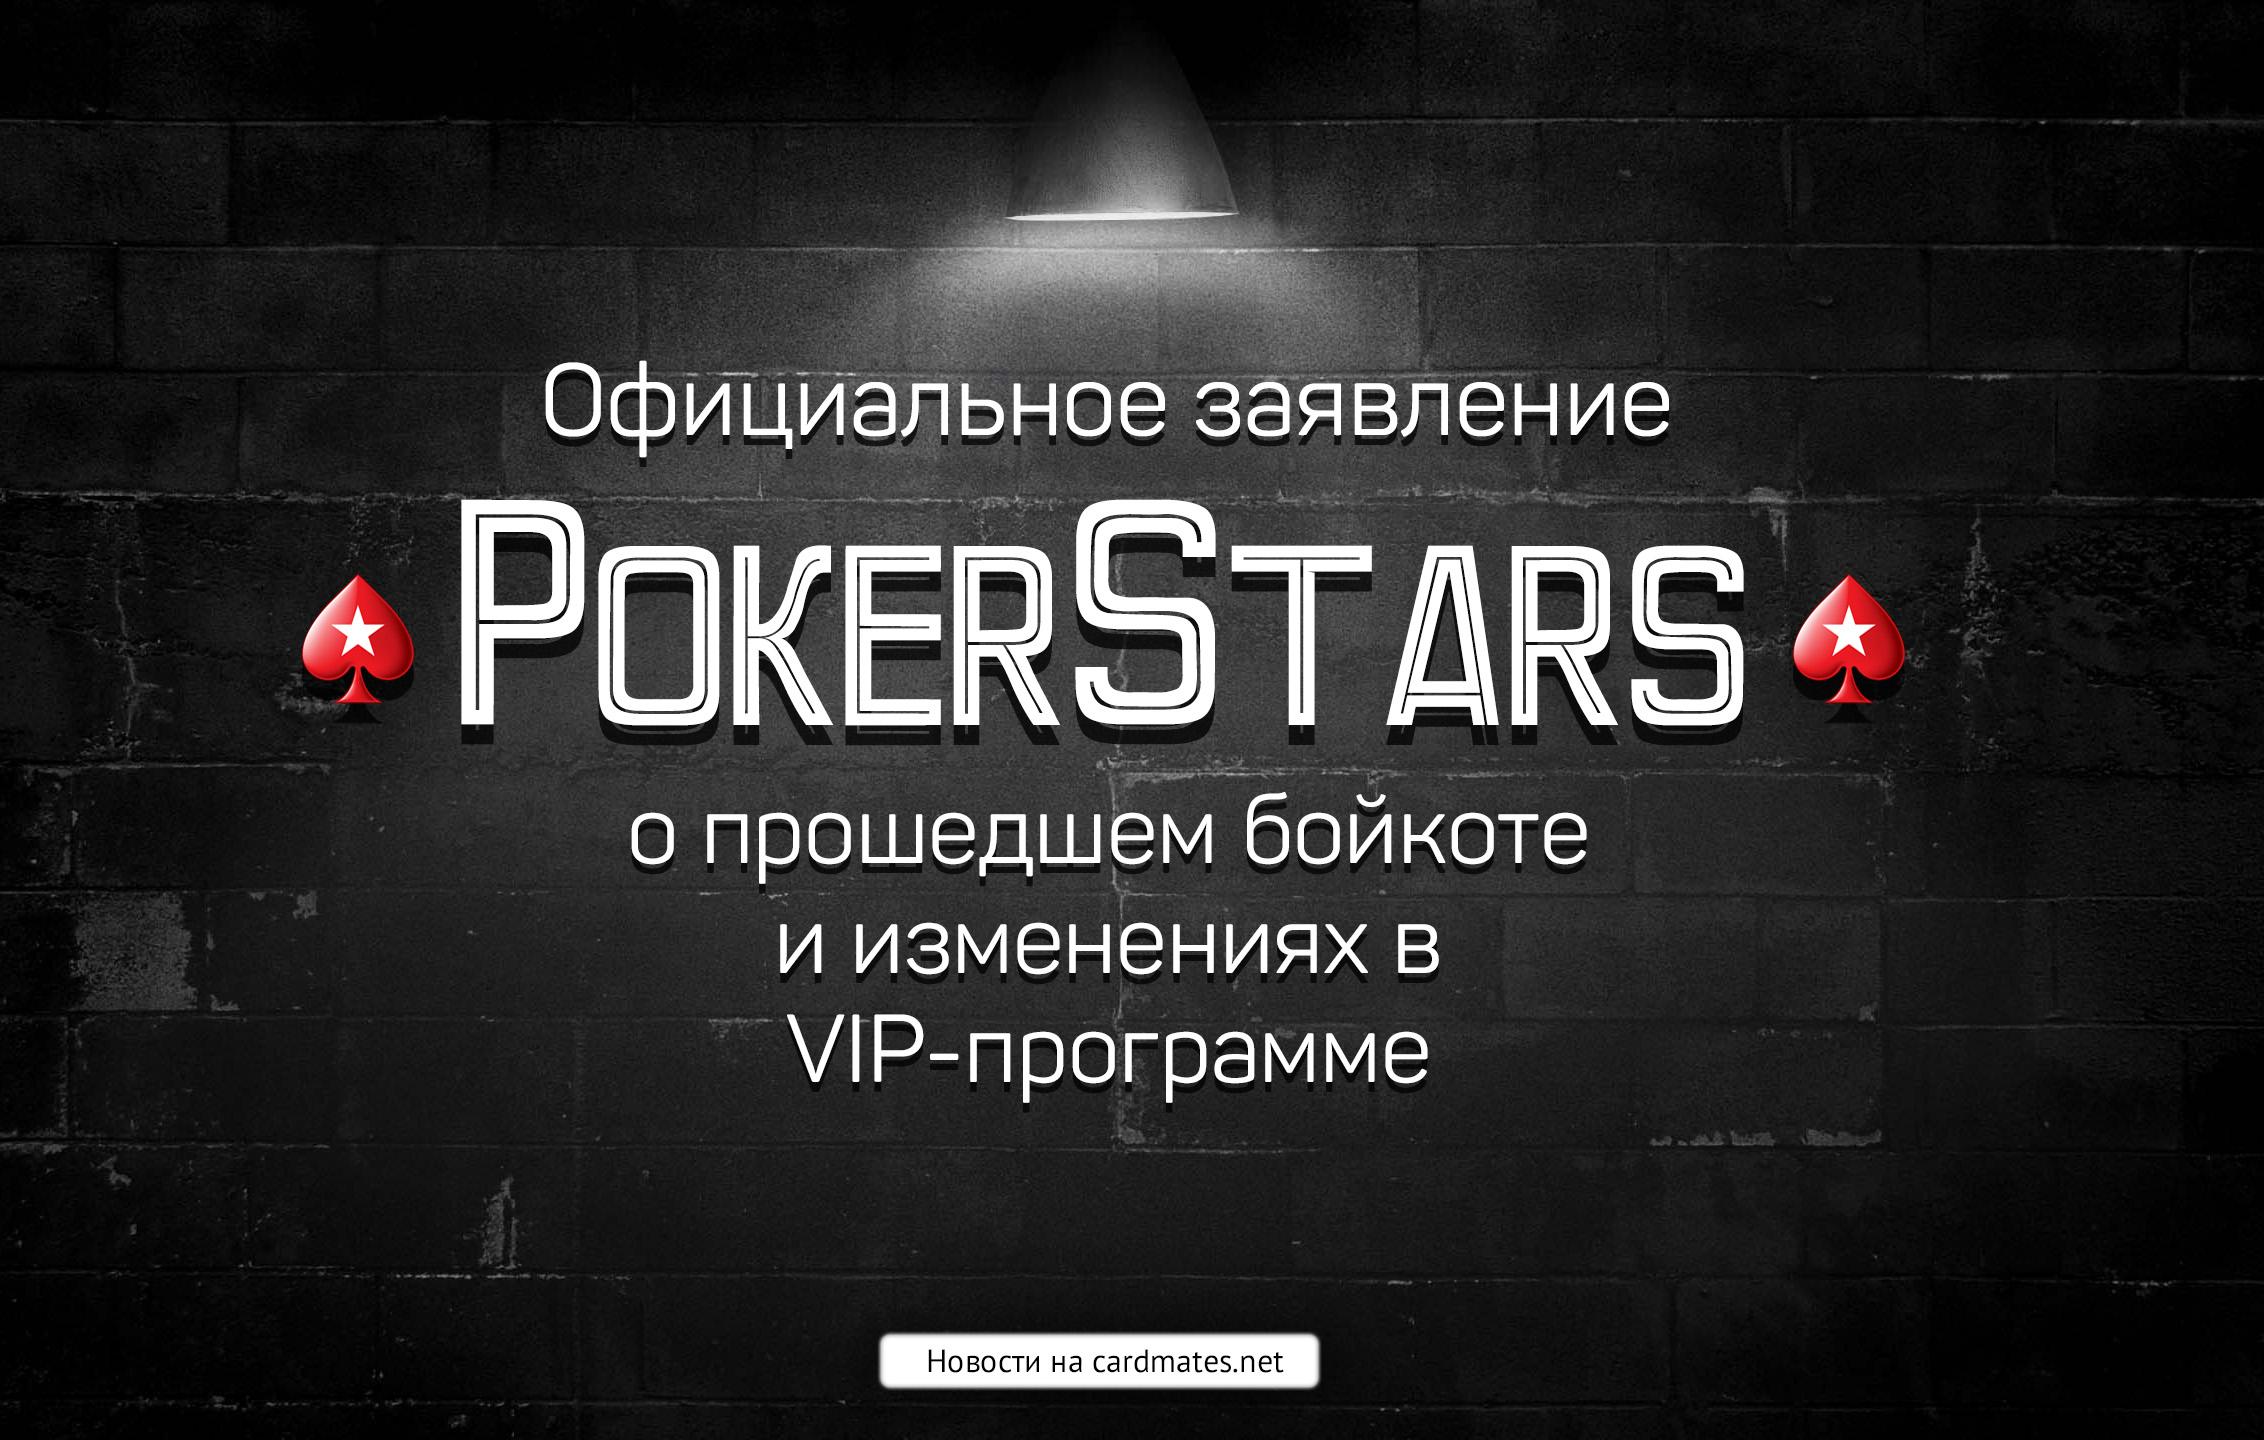 Покер старс запрет датамайнинг цены на видеокарты в киеве 256 мб